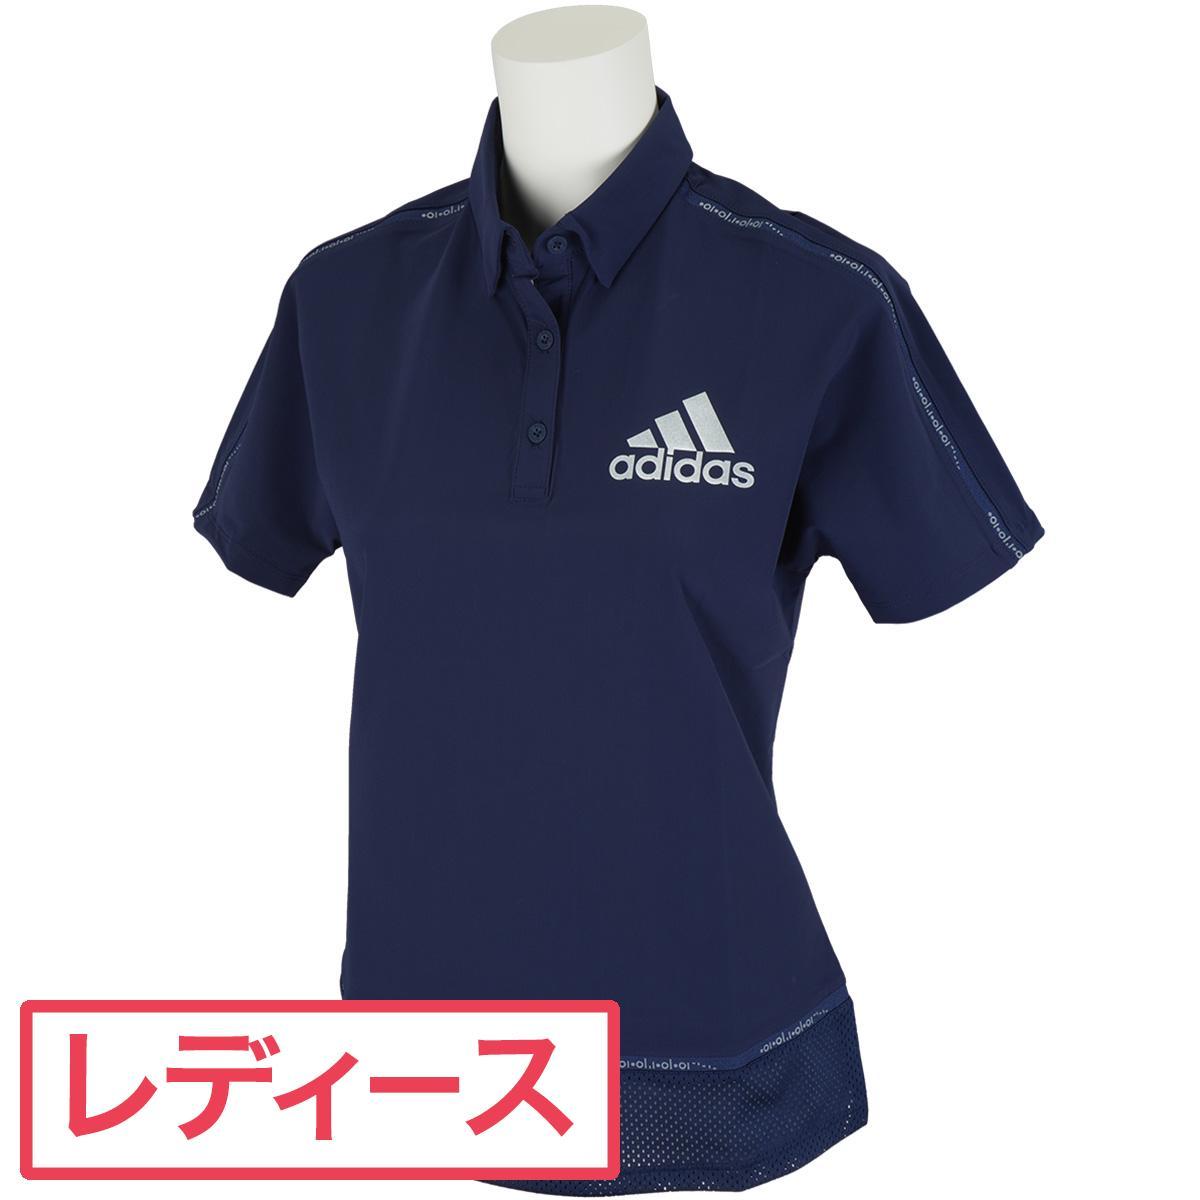 【13時までの注文であす楽対応】 アディダス Adidas ラインド半袖ポロシャツ レディス